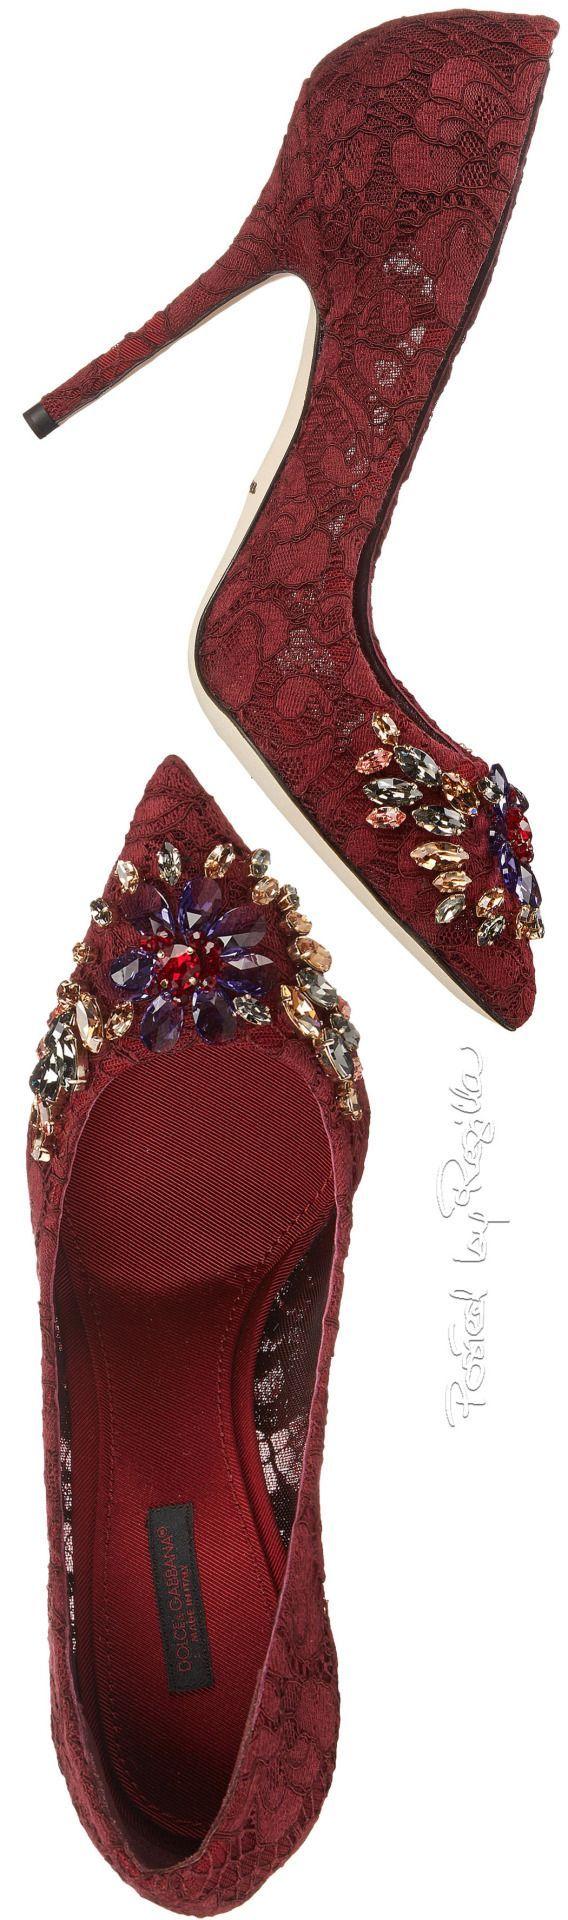 Dolce & Gabbana ~ Burgundy Embellished High Heel Pumps